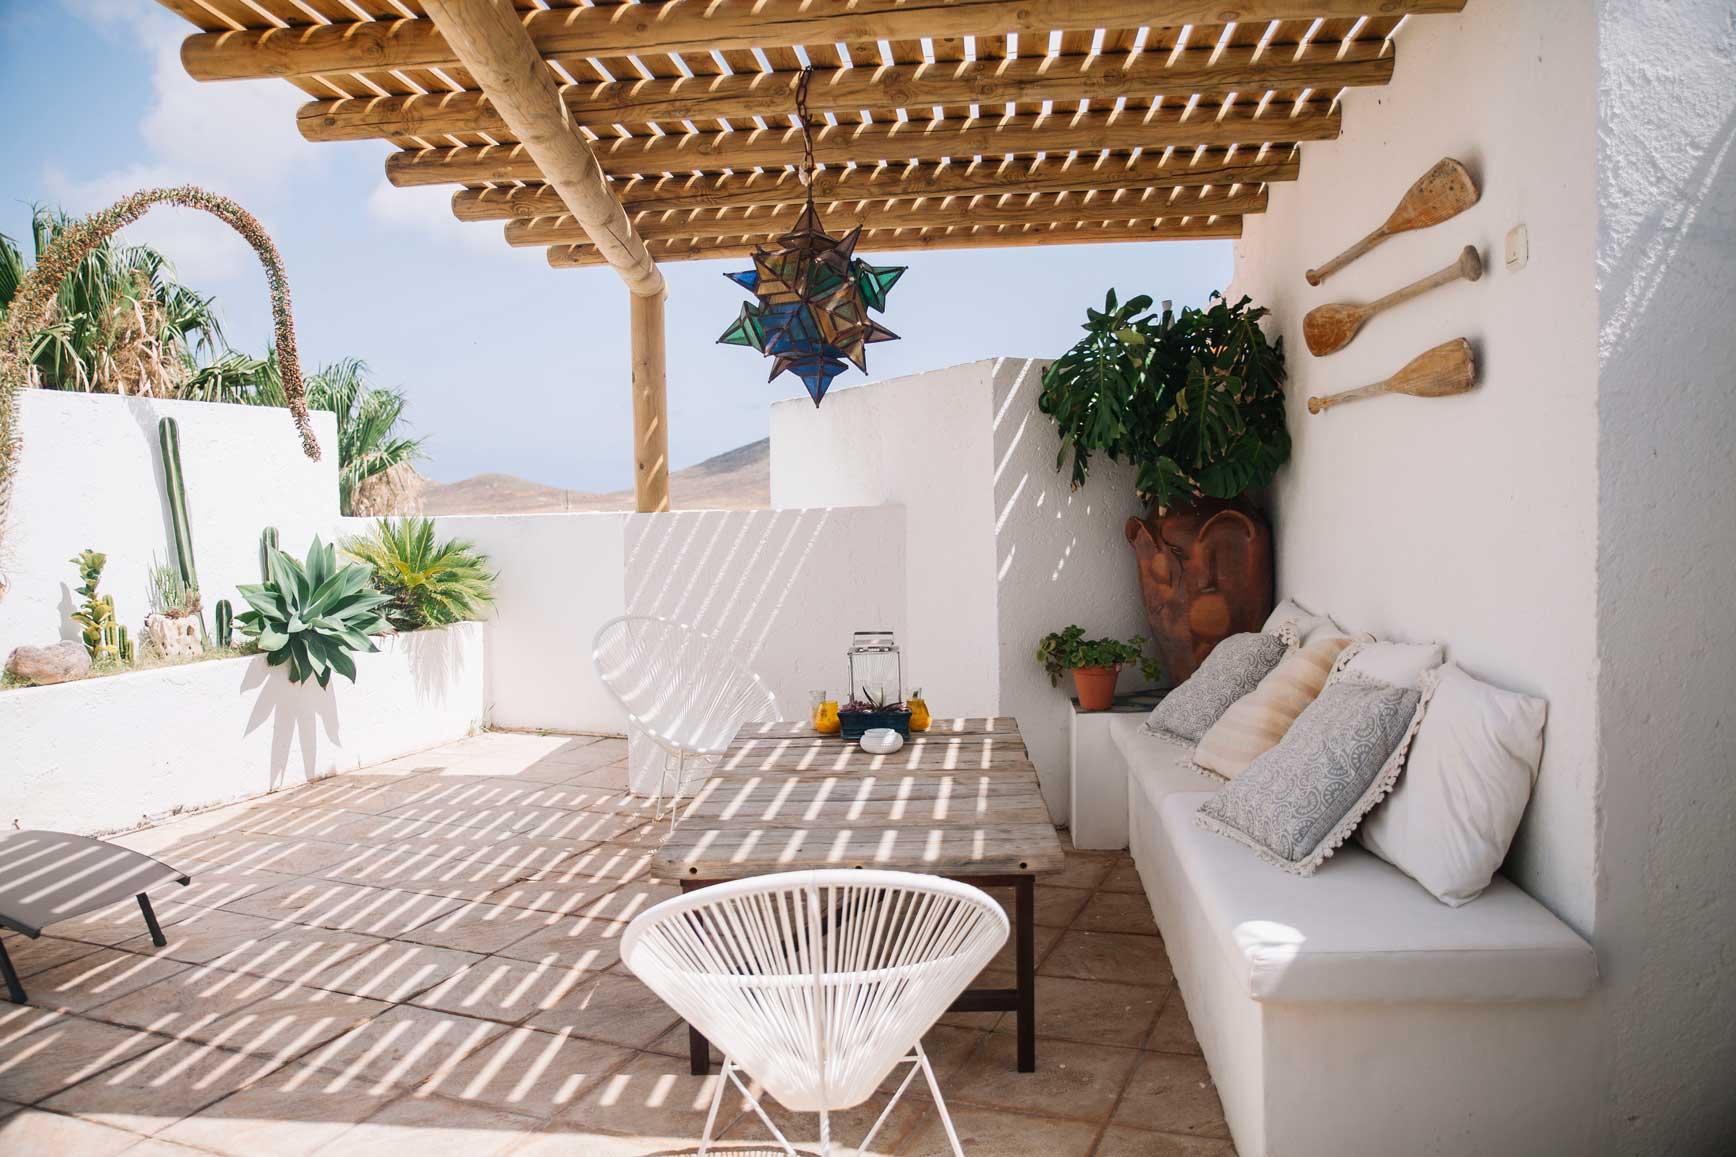 Alojamiento Cabo de Gata - Airbnb_claraBmartin_04